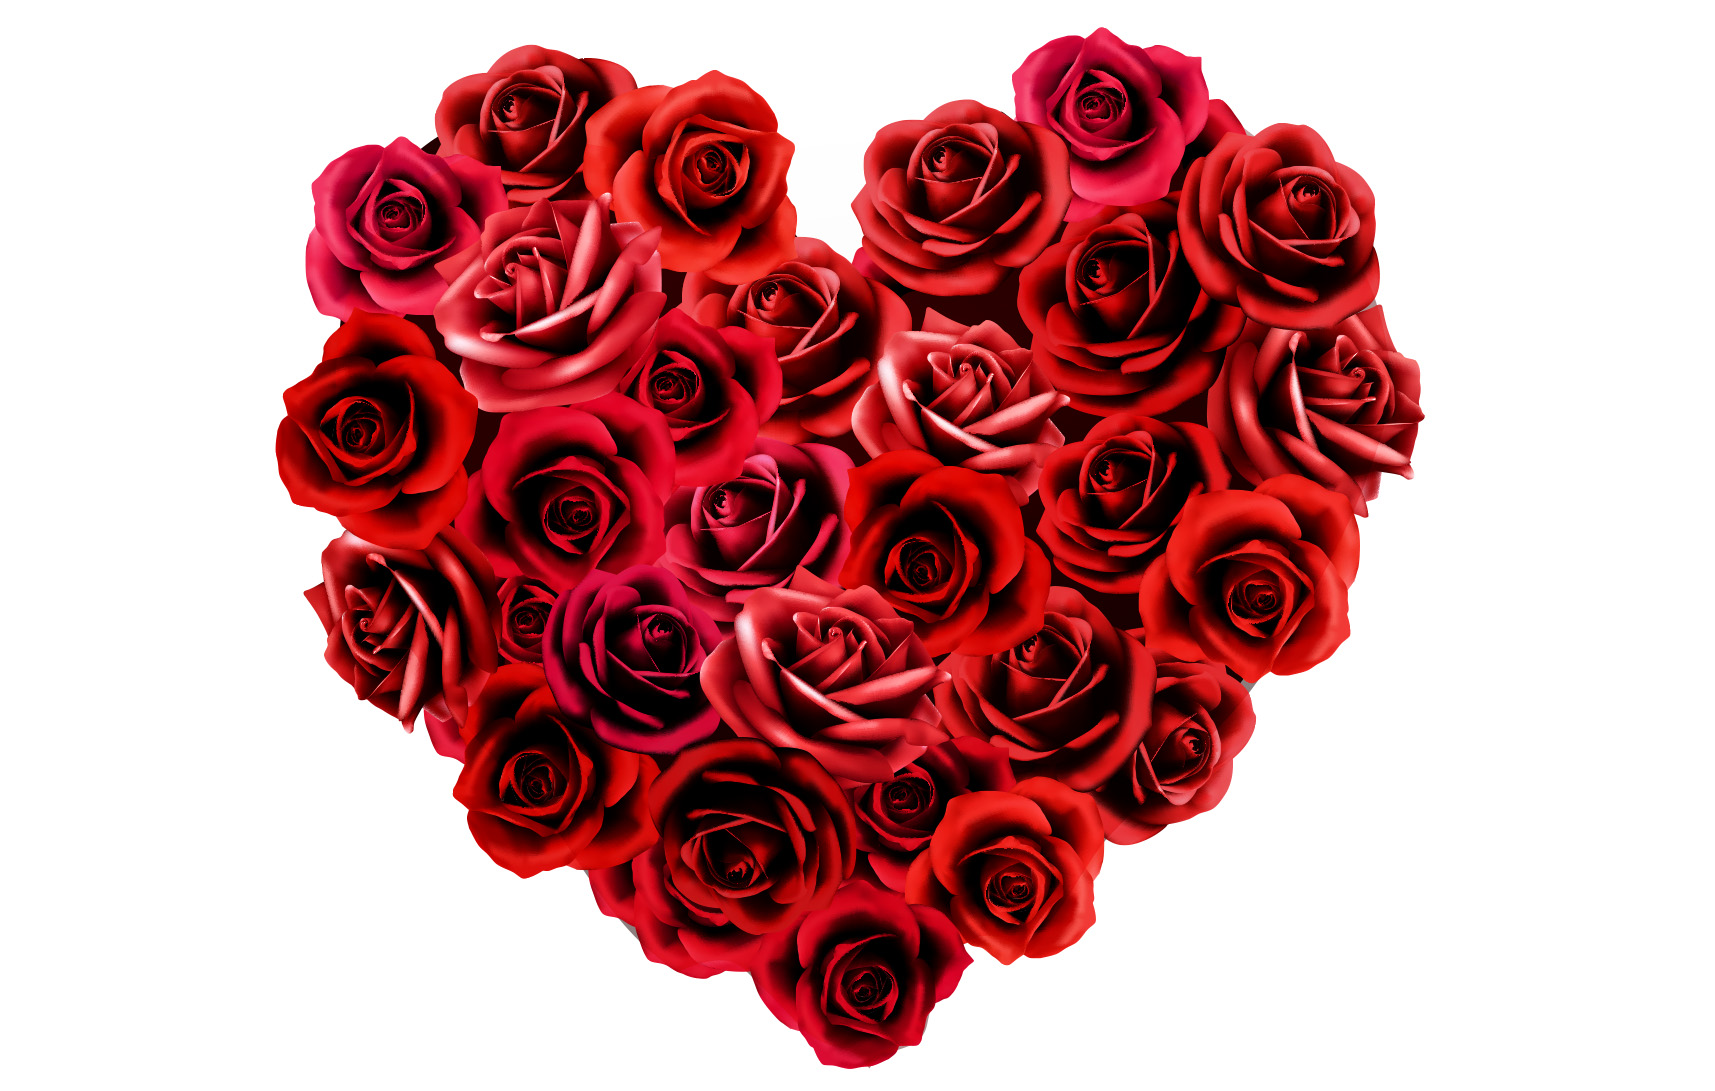 vilket datum är det alla hjärtans dag